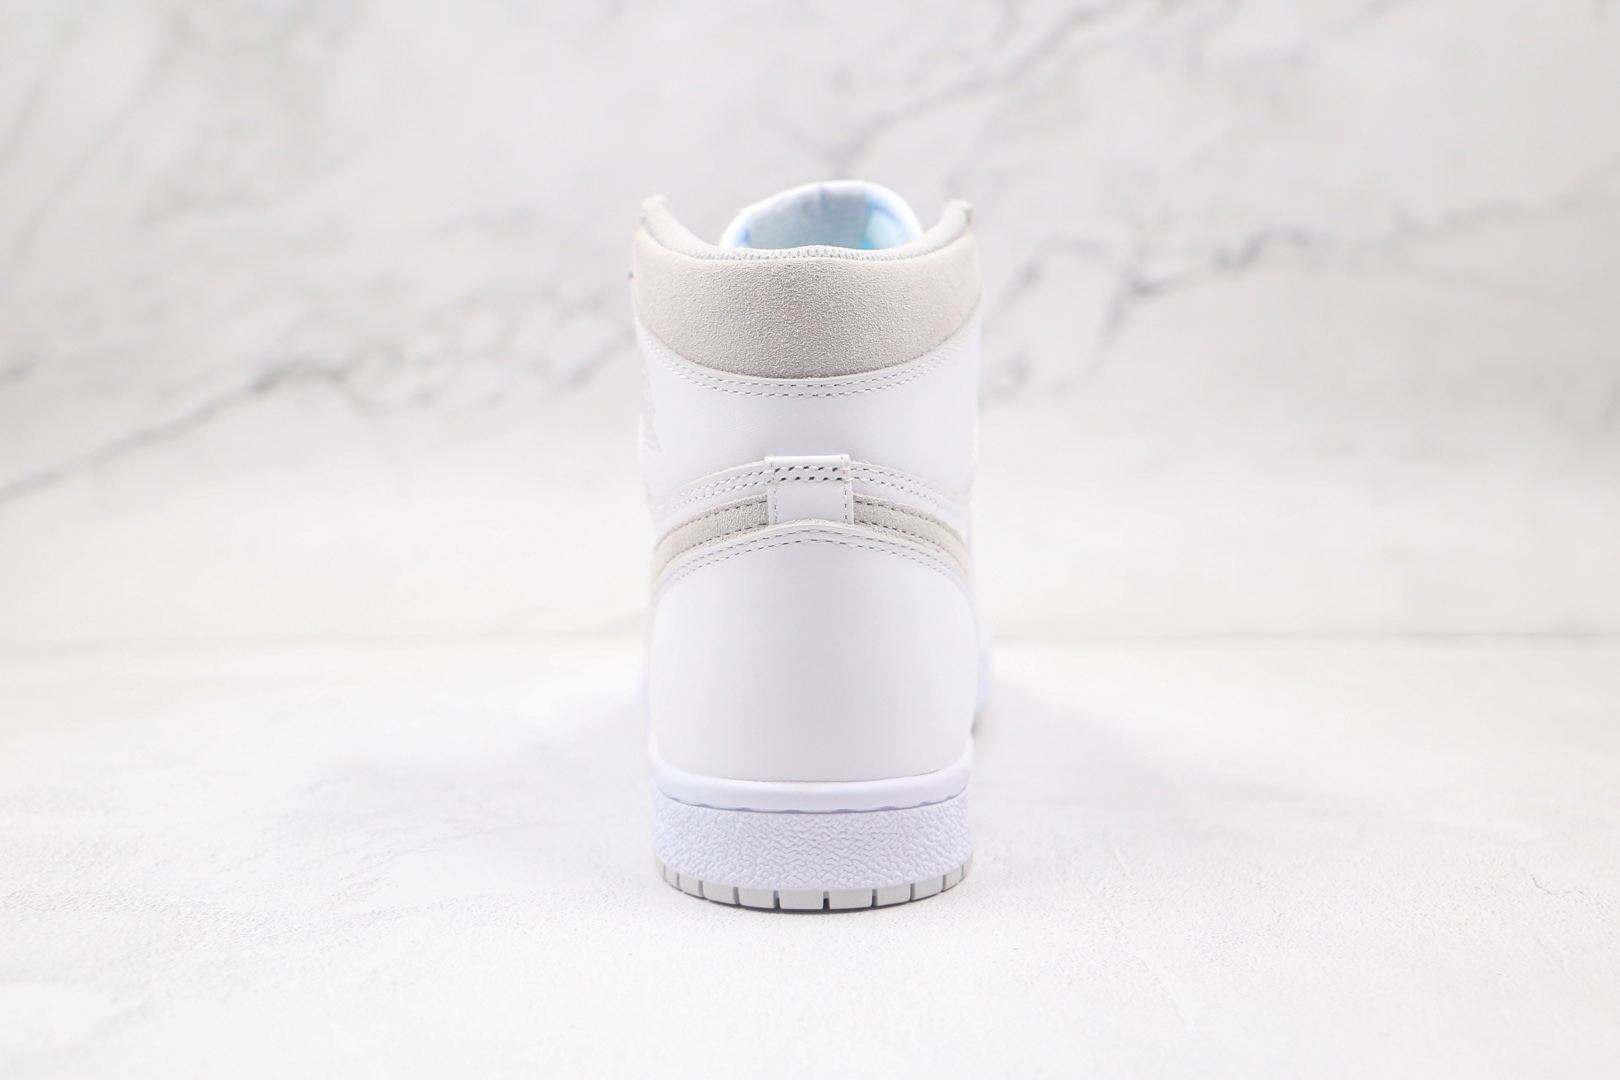 乔丹Air Jordan 1 High 85 Neutral Grey纯原版本高帮AJ1白灰配色板鞋原档案数据开发 货号:BQ4422-100